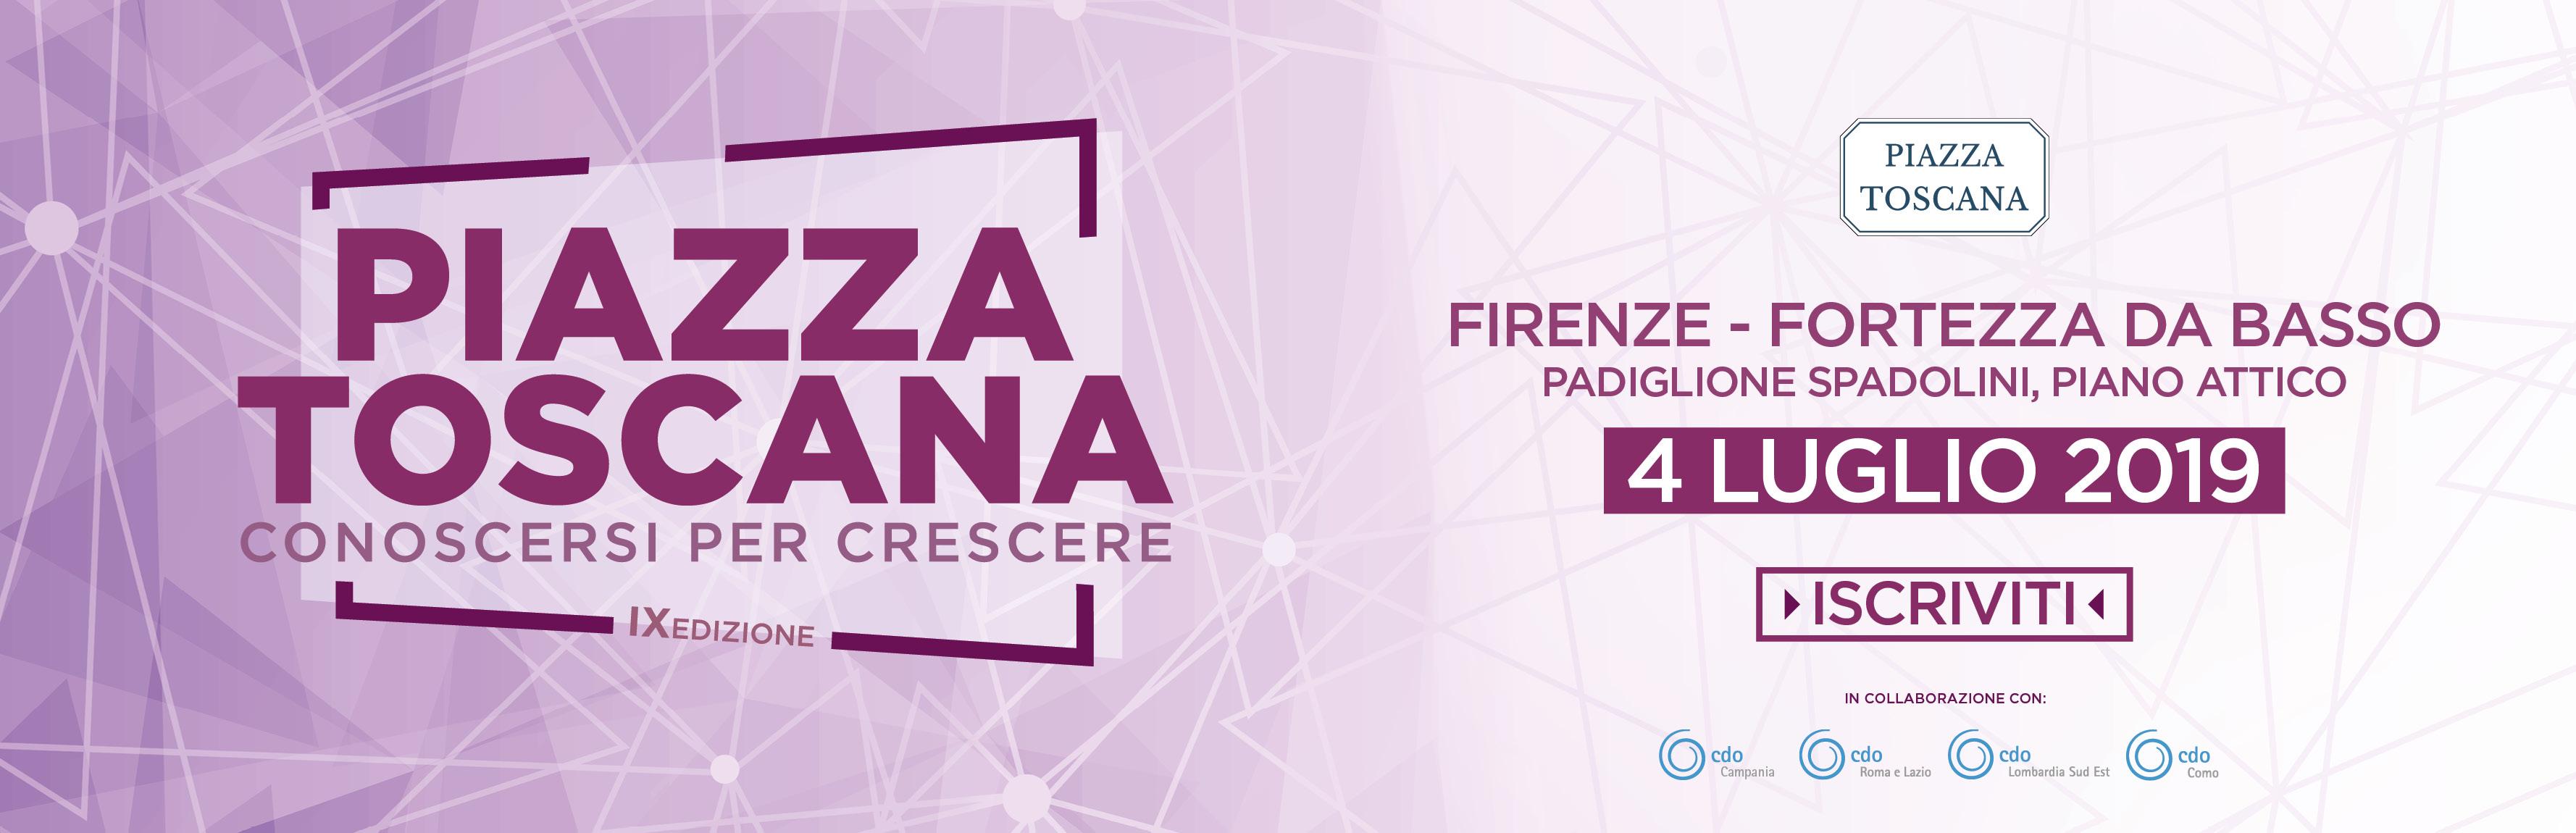 50 Startup per Piazza Toscana – Aperta la selezione 2019